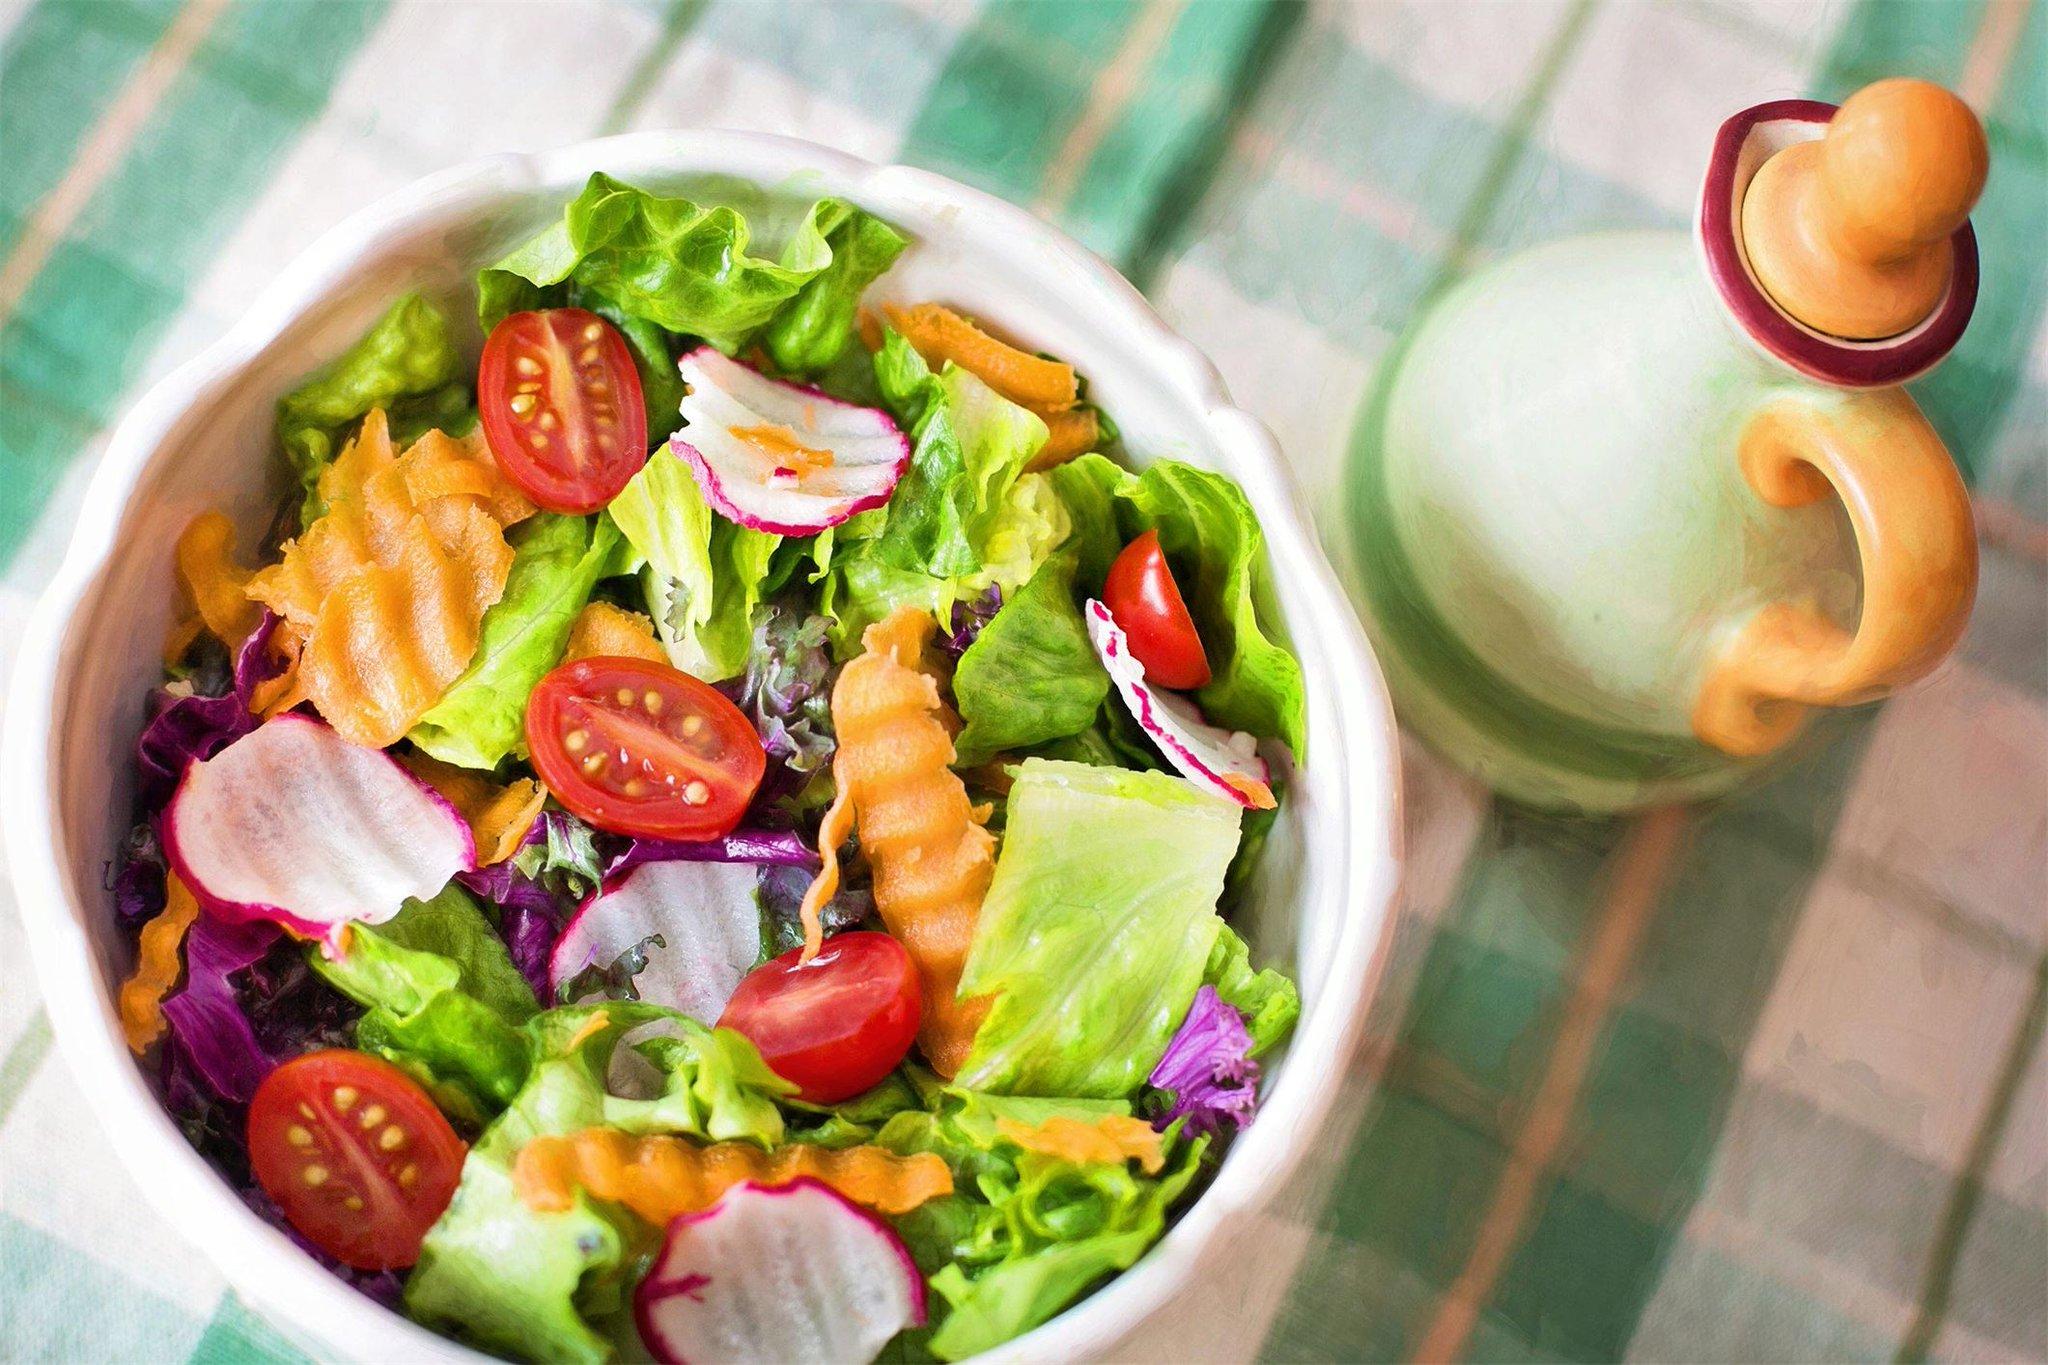 Вкусные И Полезные Блюда Для Похудения. Питание для похудения: рецепты диетических блюд, пример меню на неделю